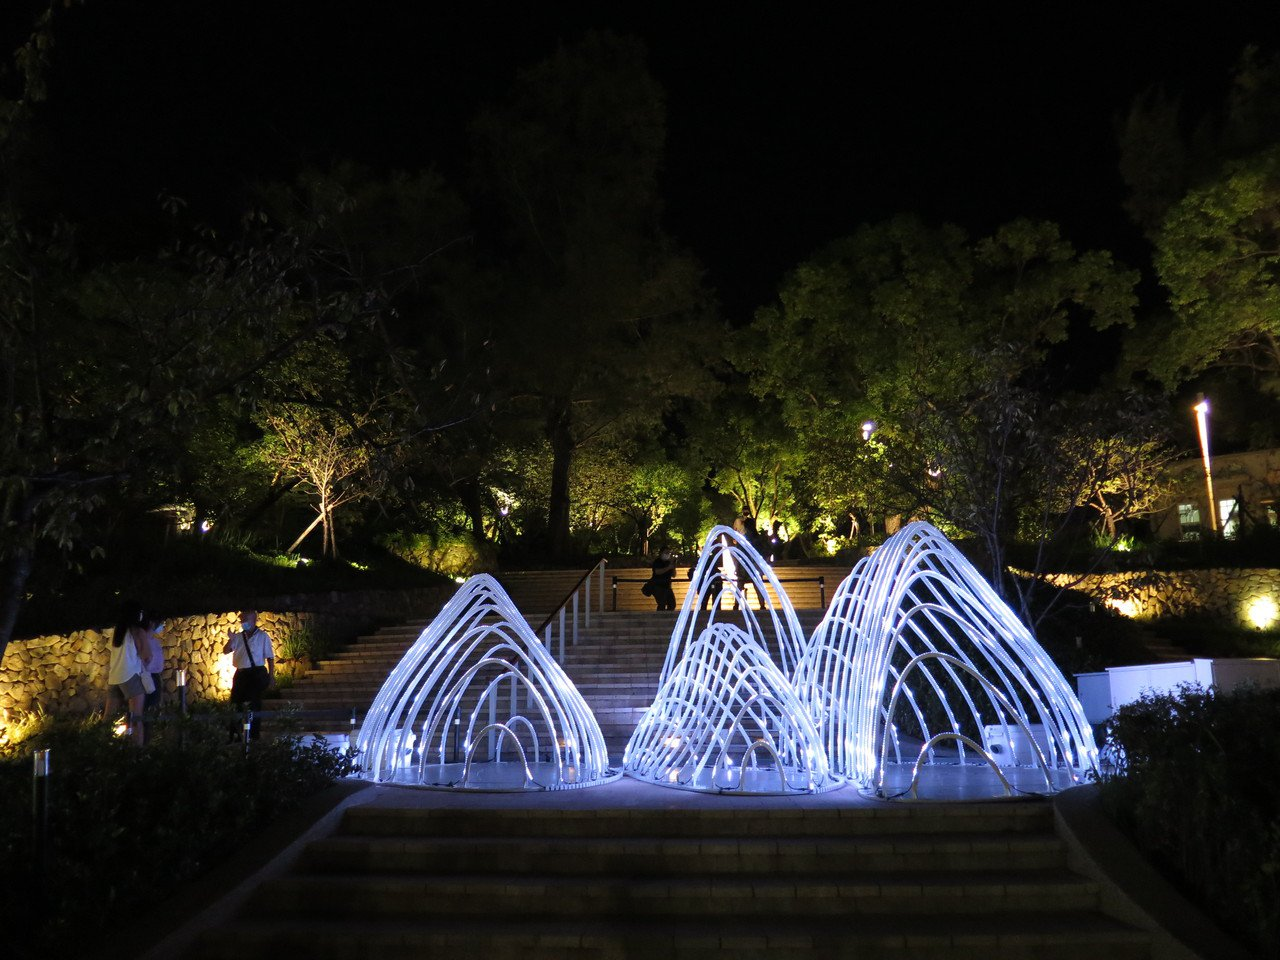 新竹公園內的「朔流賦形」為LED打造的造型山水燈品,吸引民眾搶拍。 圖/張裕珍 ...